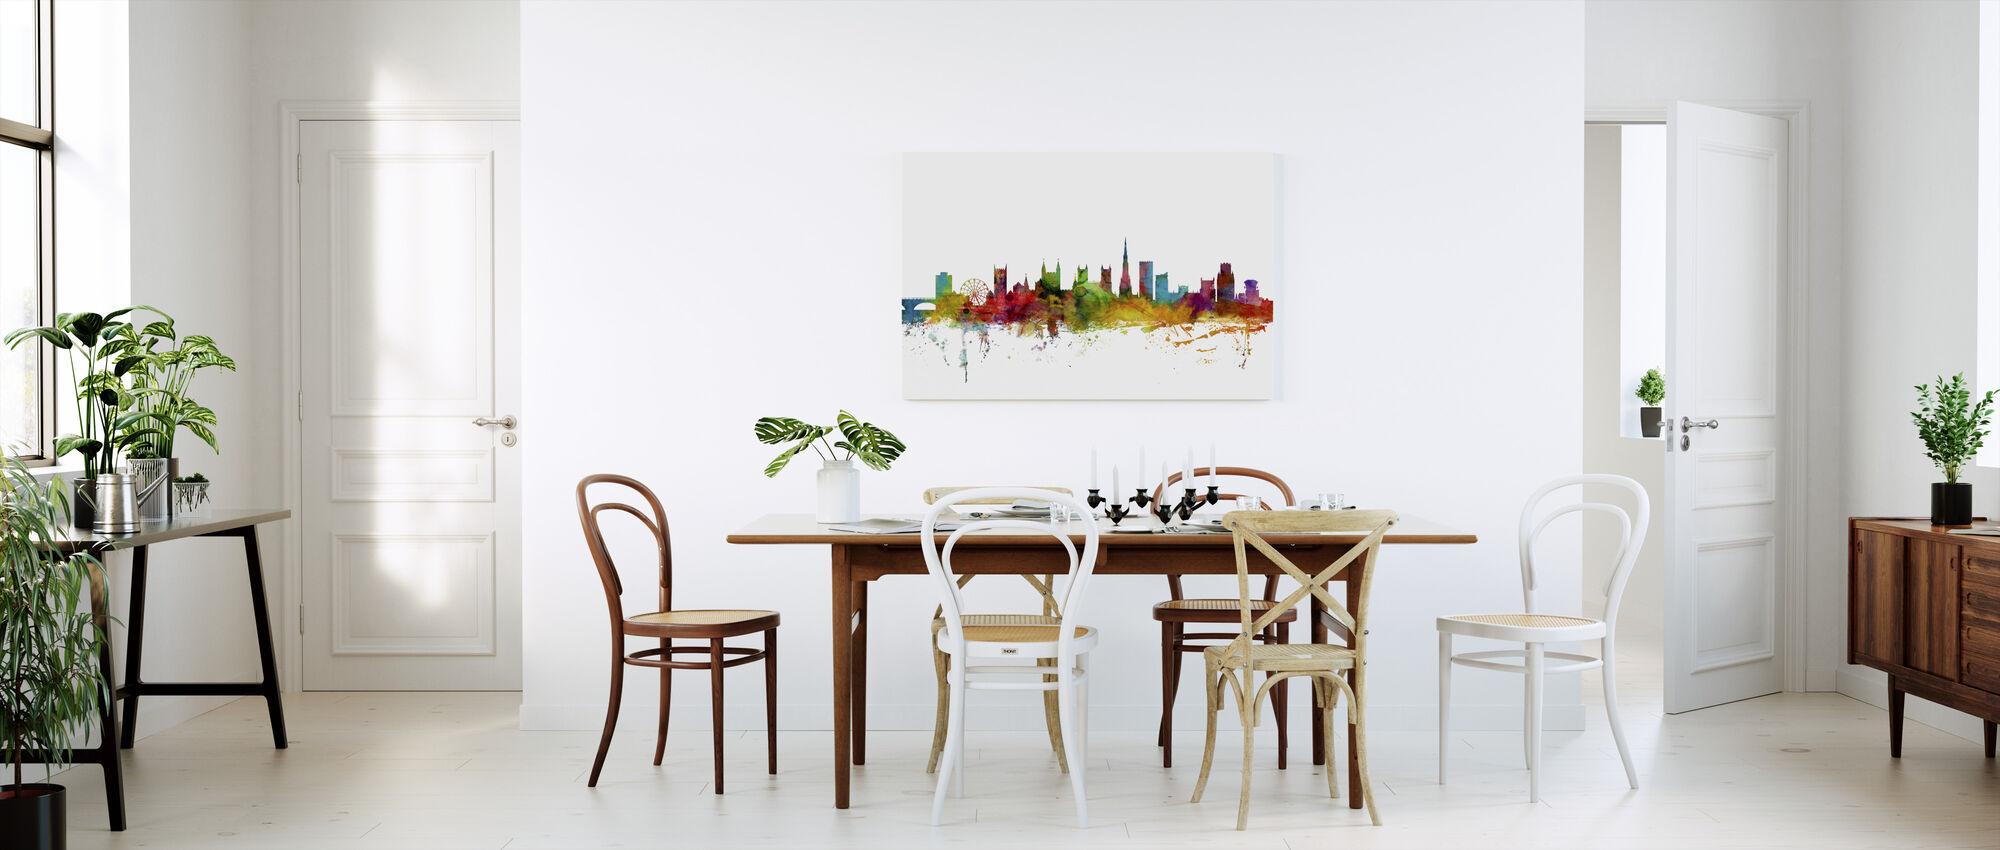 Bristol England Skyline - Canvas print - Kitchen